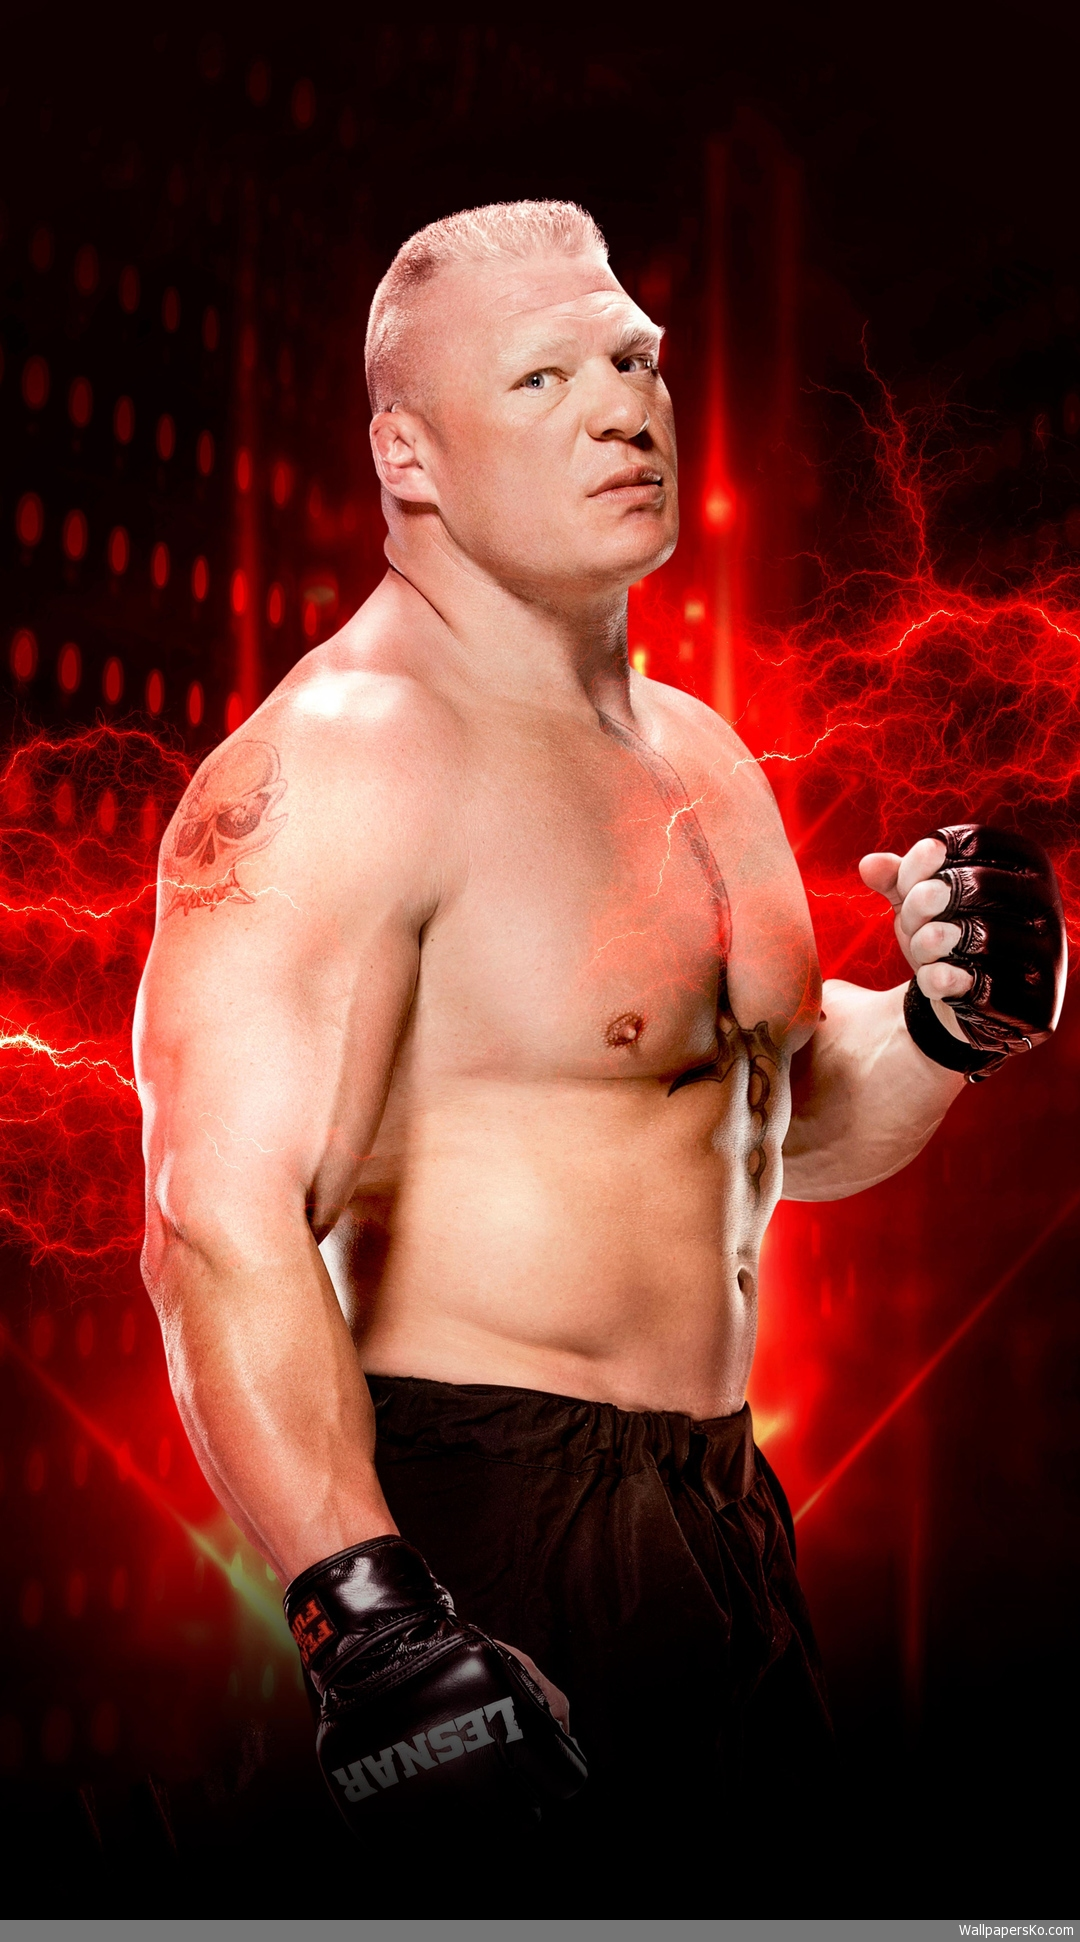 Brock Lesnar Hd Wallpaper Mobile Wwe Hd Wallpapers Download